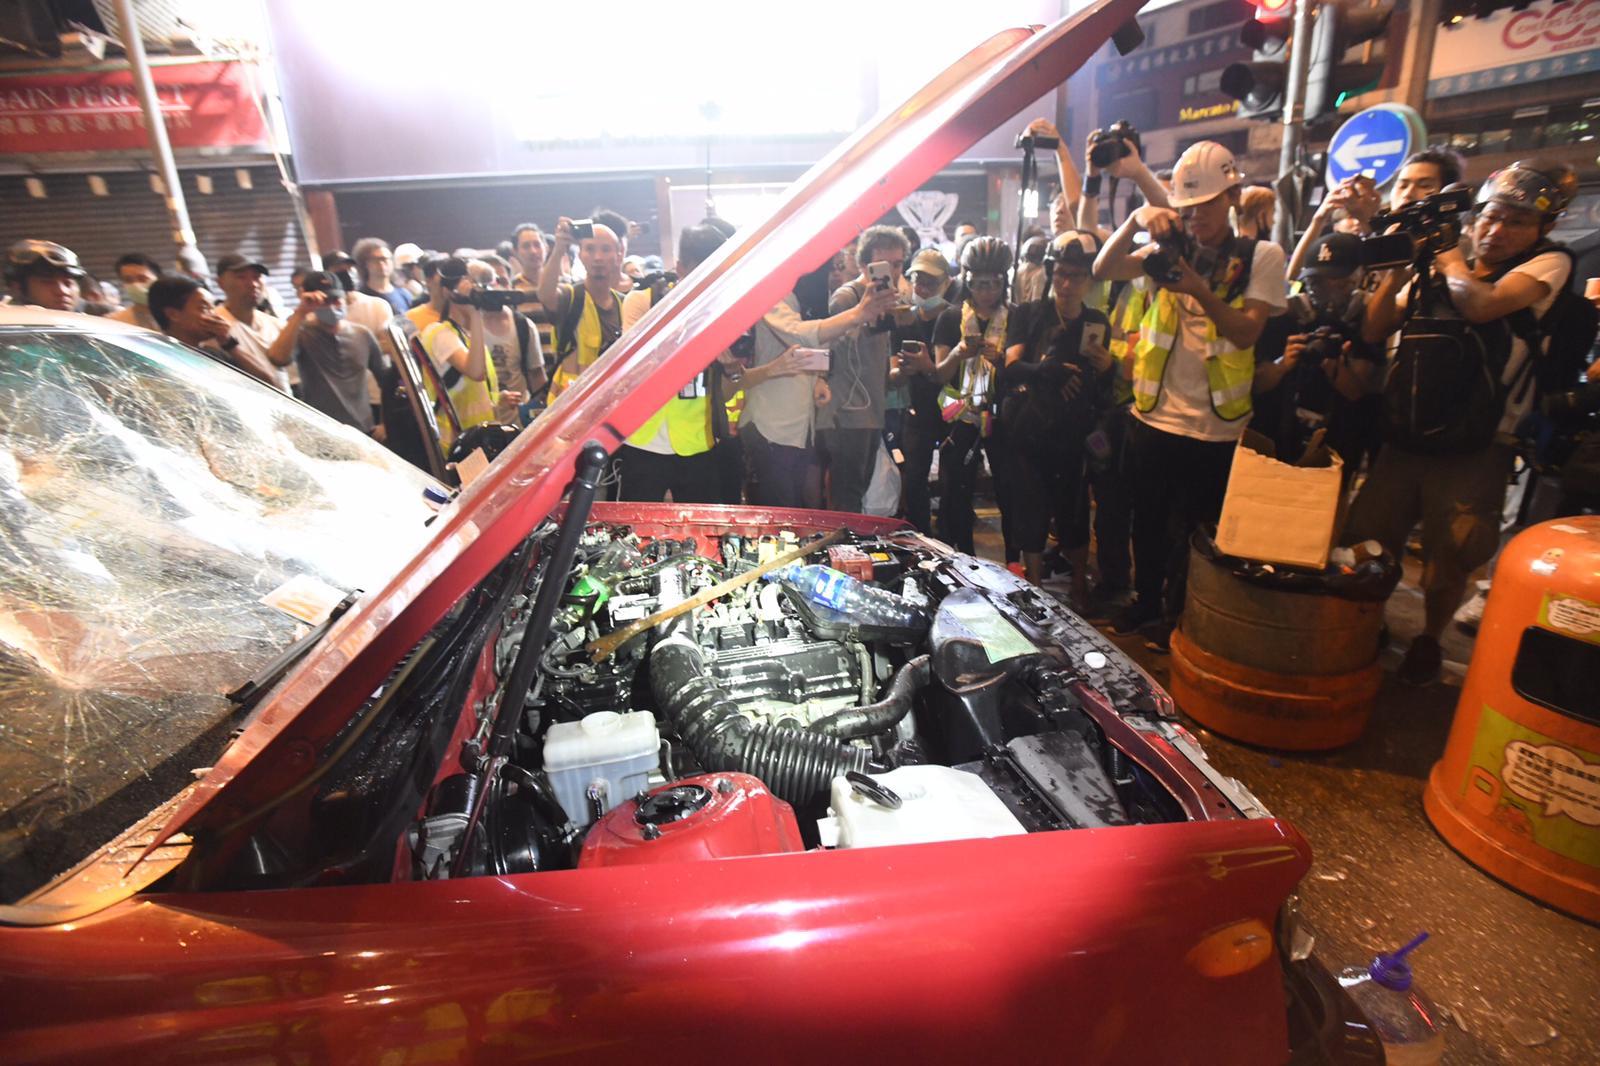 【修例风波】铜锣湾的士疑撞记者后司机被围 车身遭示威者大肆破坏